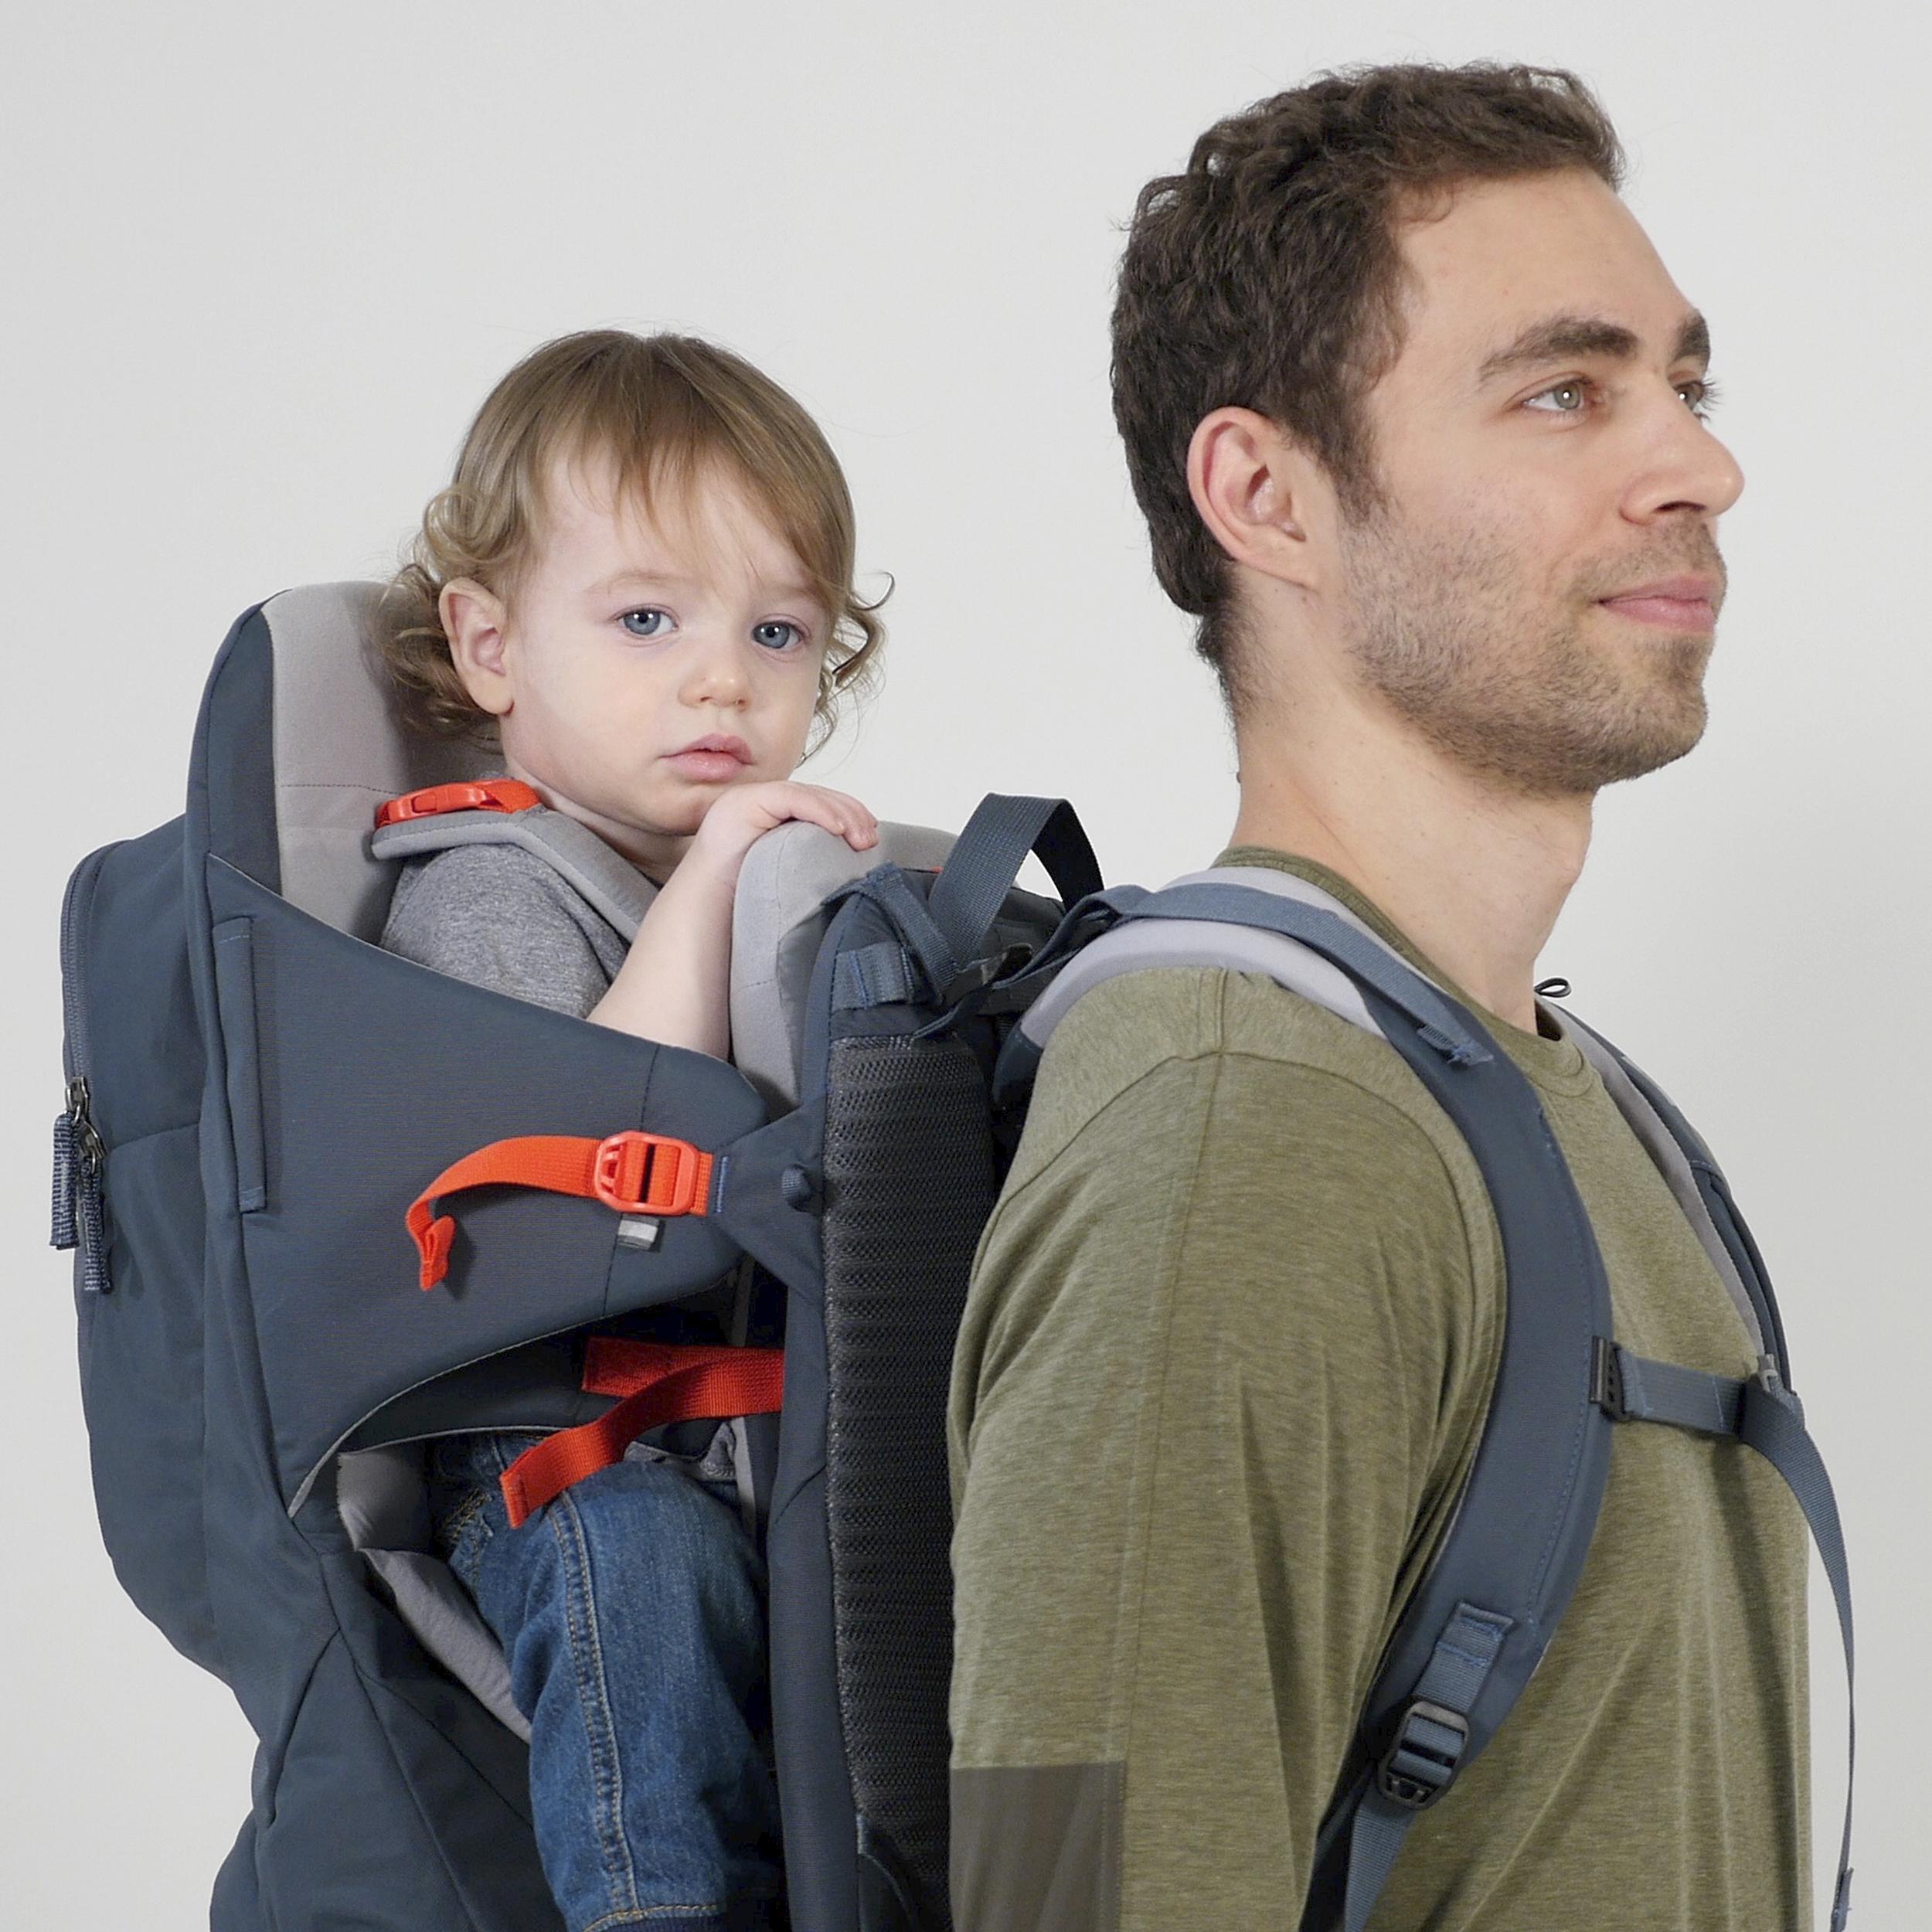 MEC Shuttlecraft Kid Carrier Infants